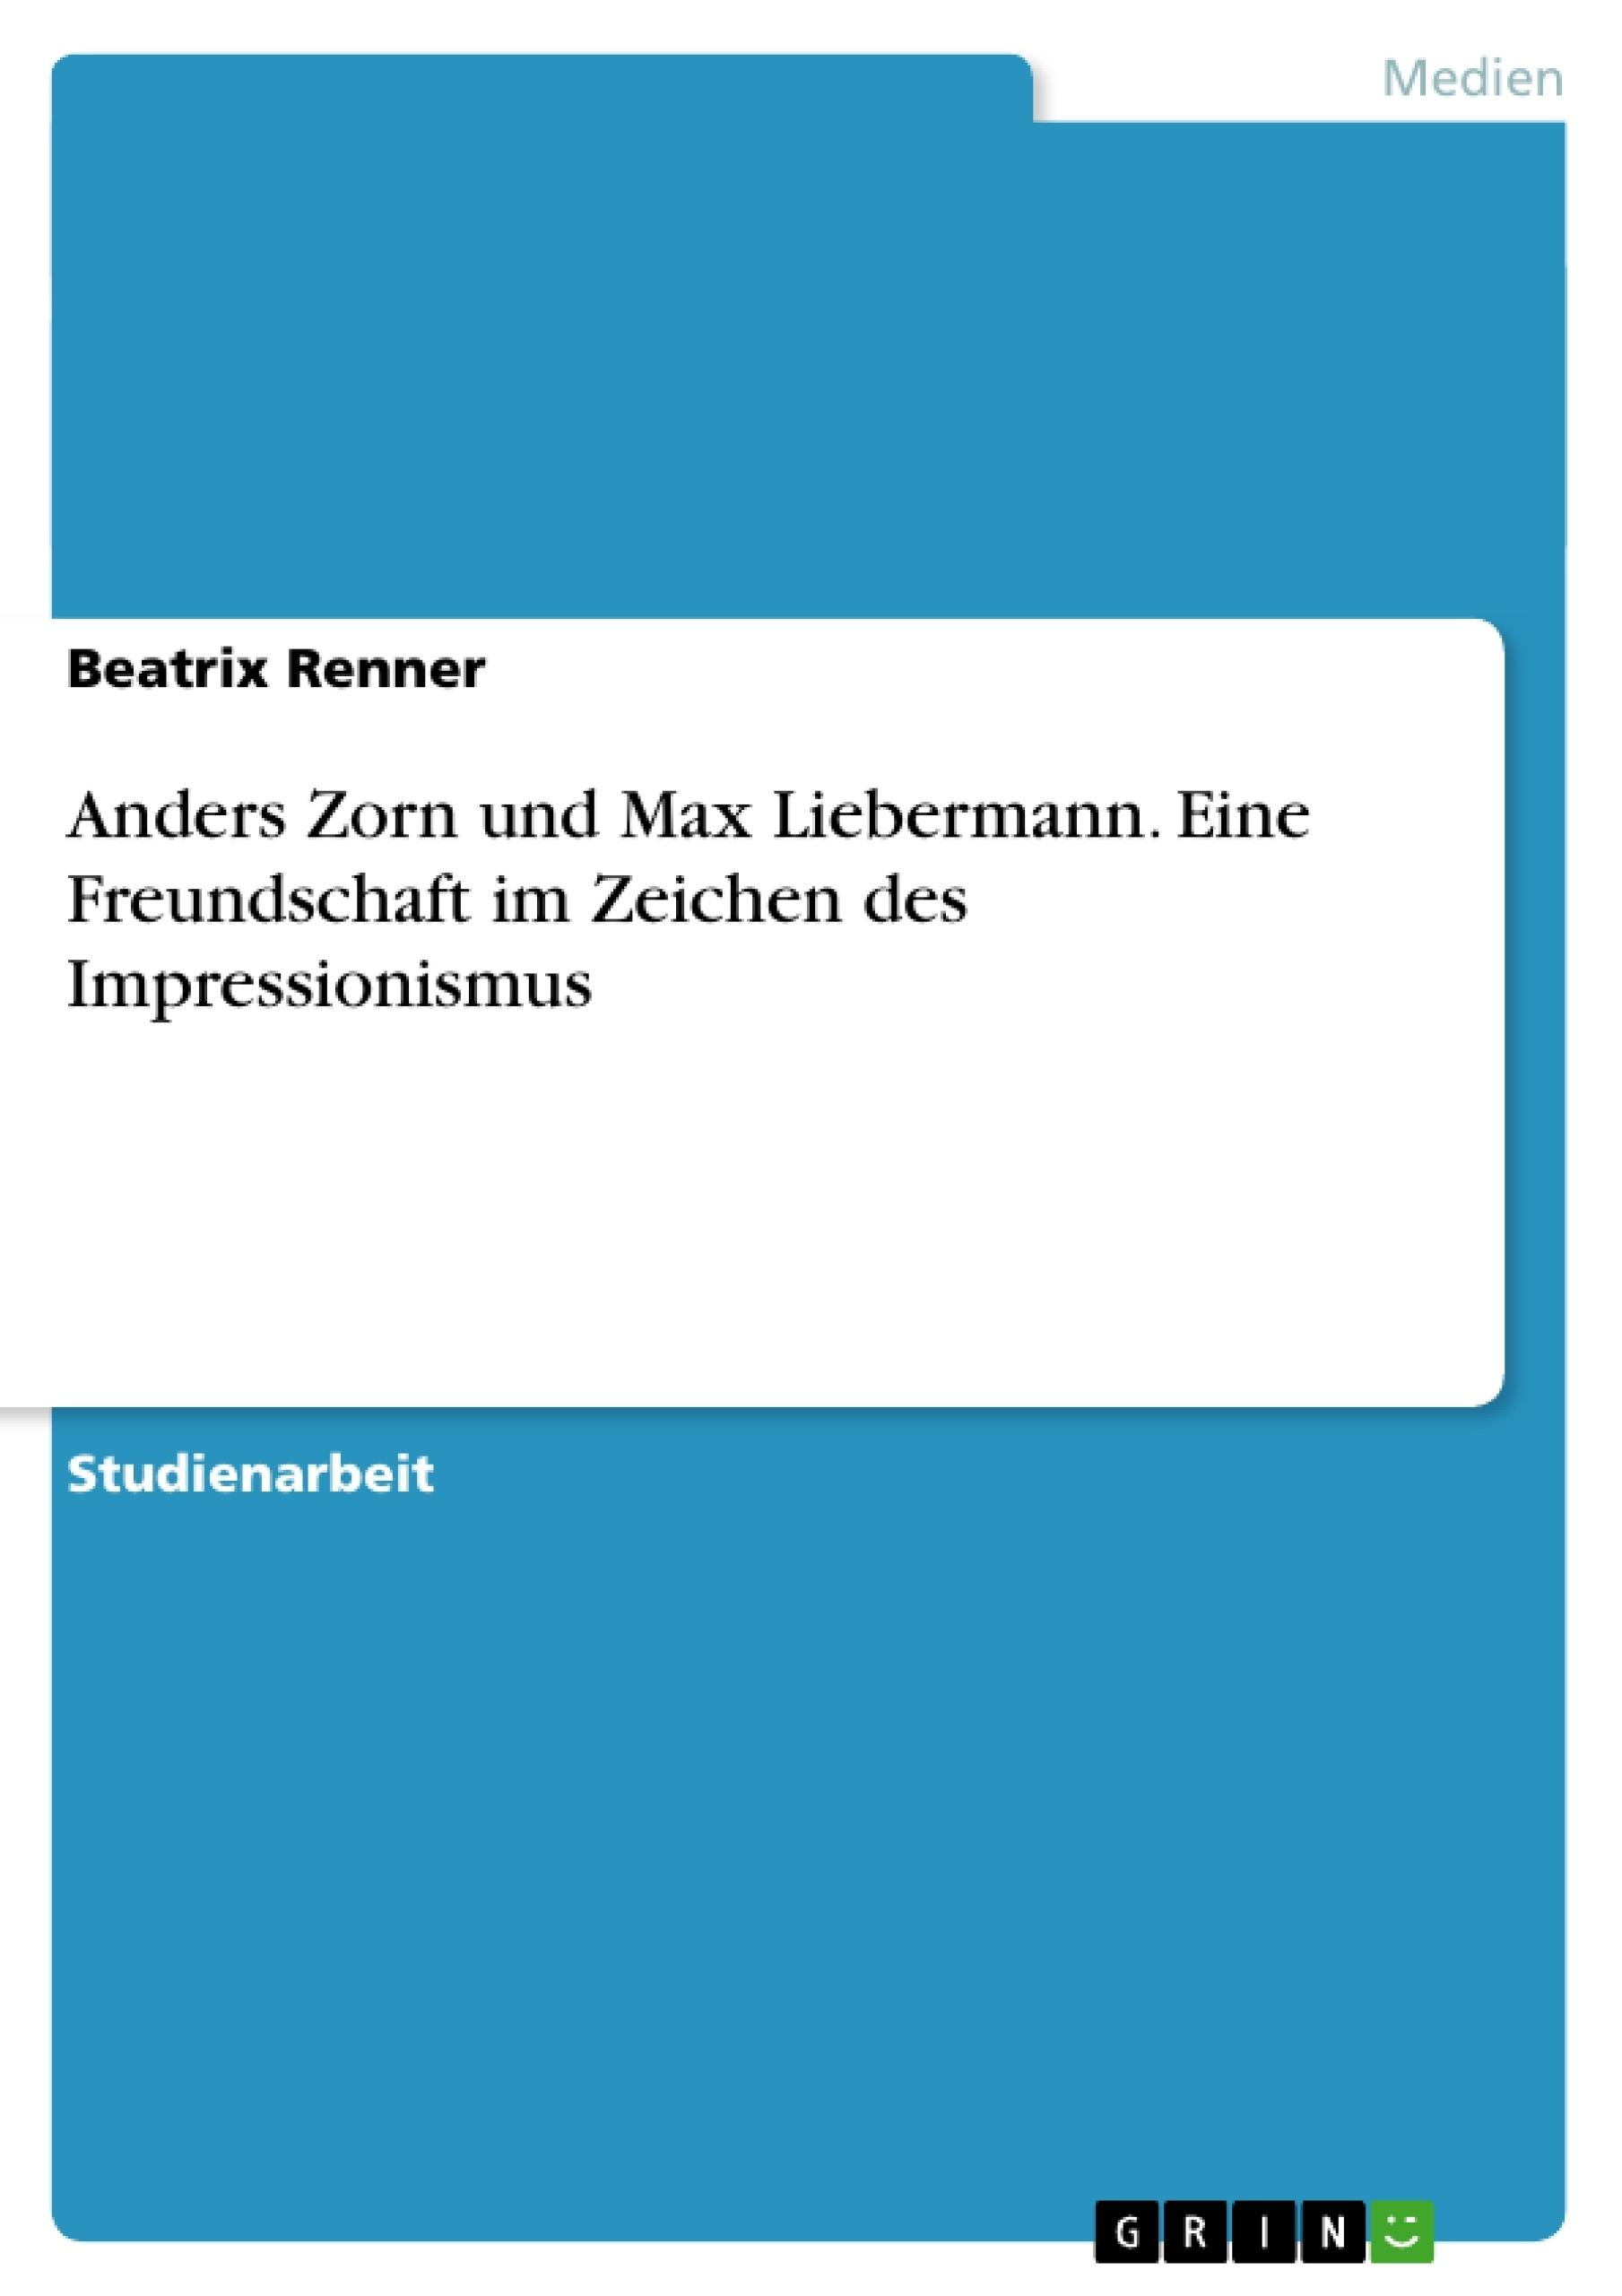 Titel: Anders Zorn und Max Liebermann. Eine Freundschaft im Zeichen des Impressionismus